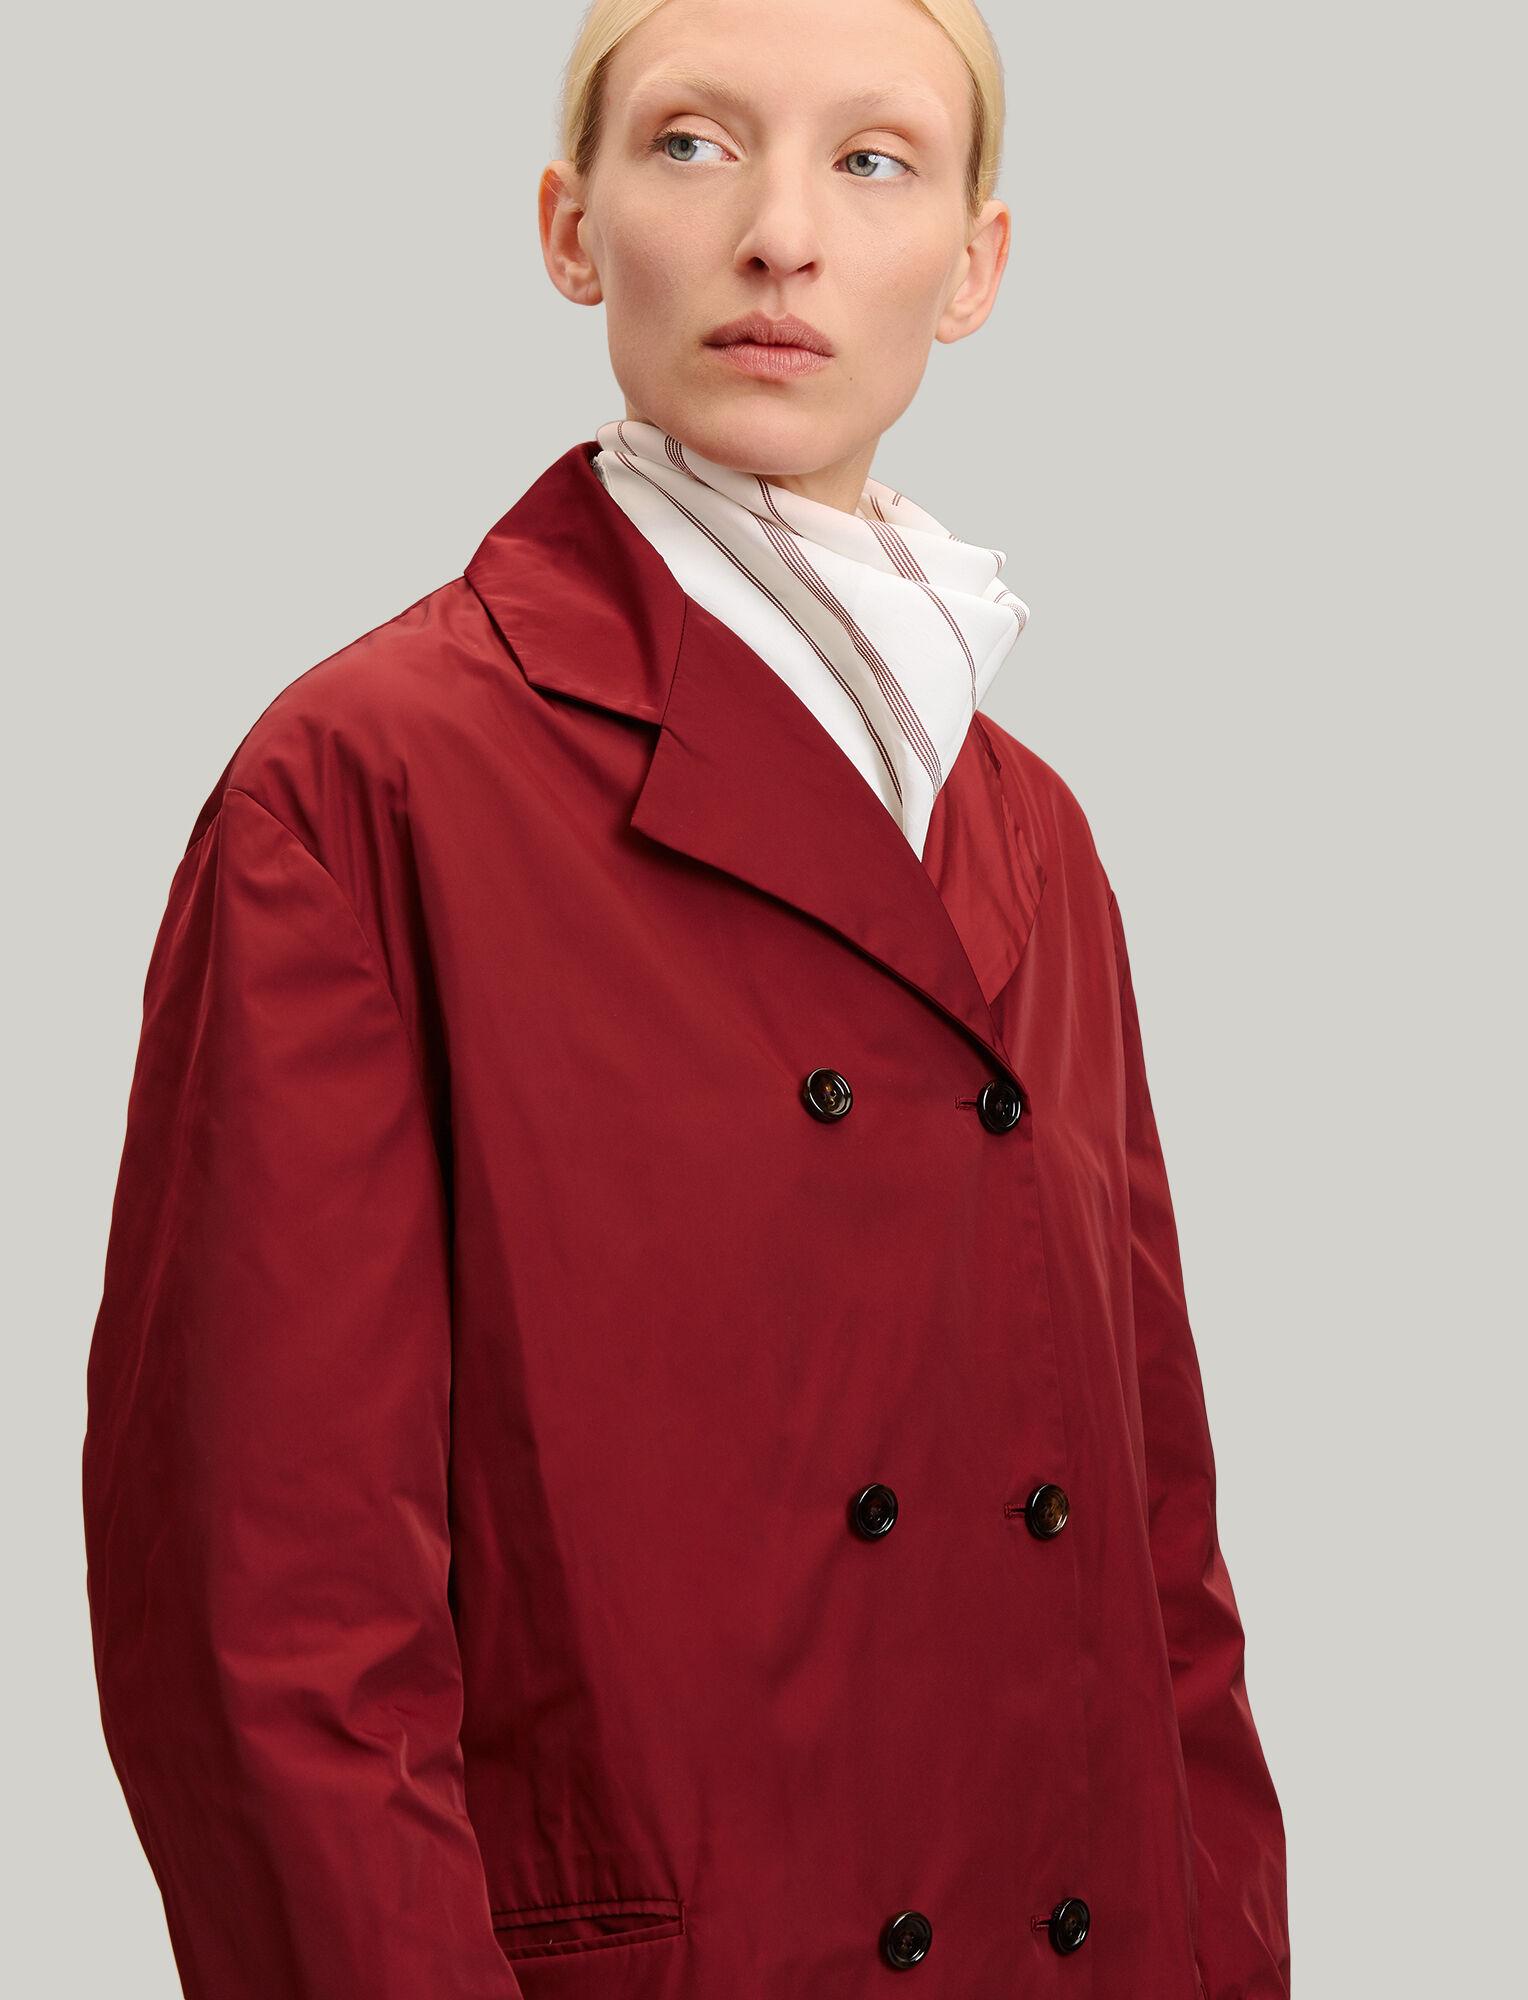 Joseph, Richter Taffeta Nylon Coat, in CLARET